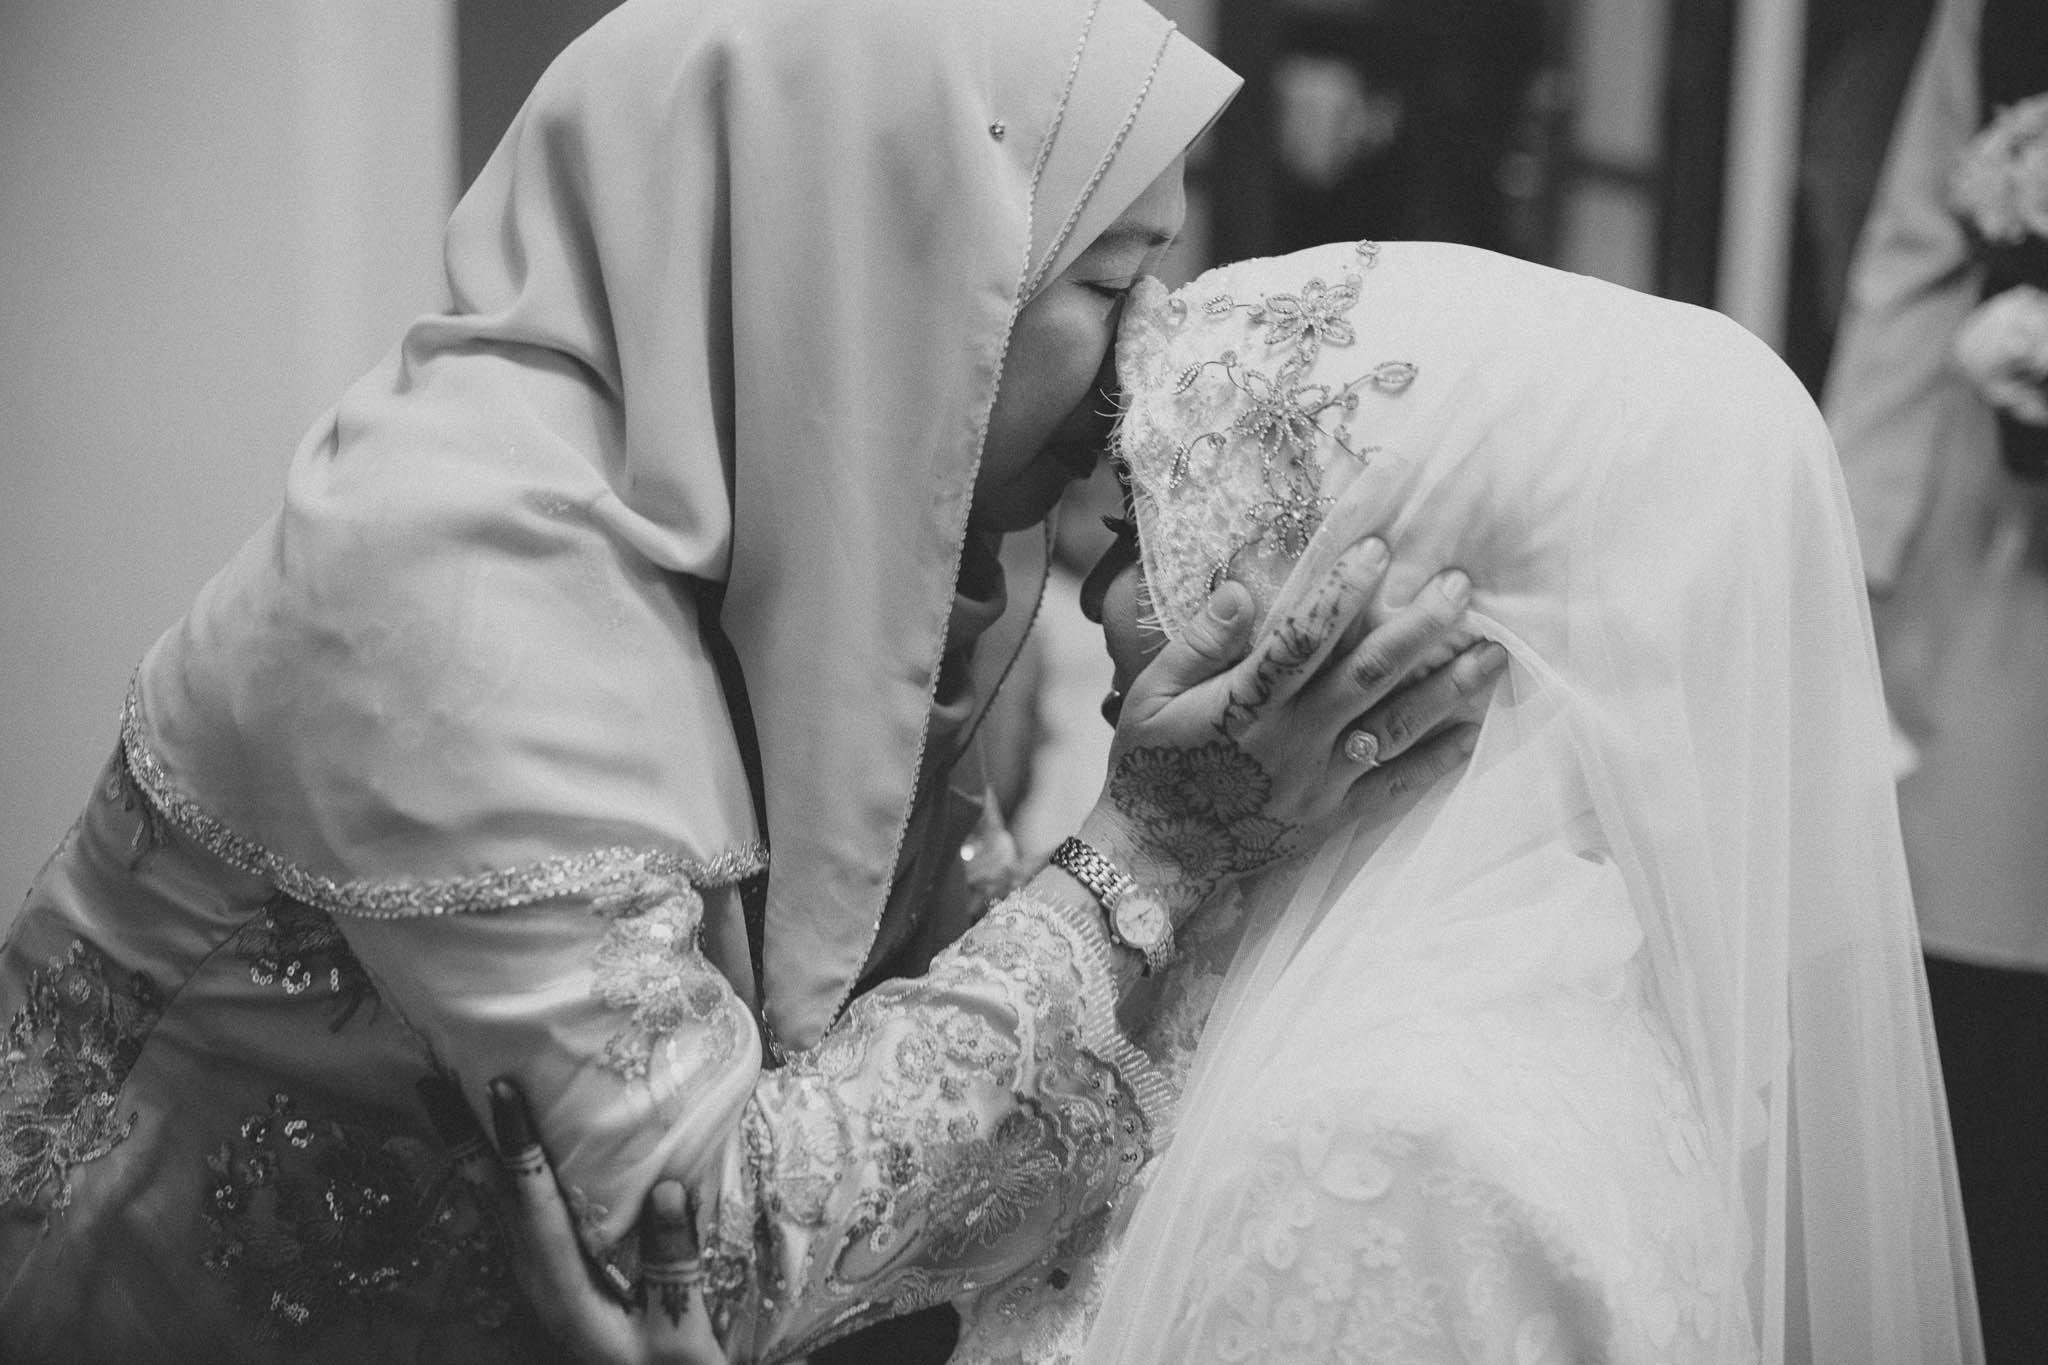 singapore-wedding-photographer-travel-wemadethese-atara-hafizah-05.jpg